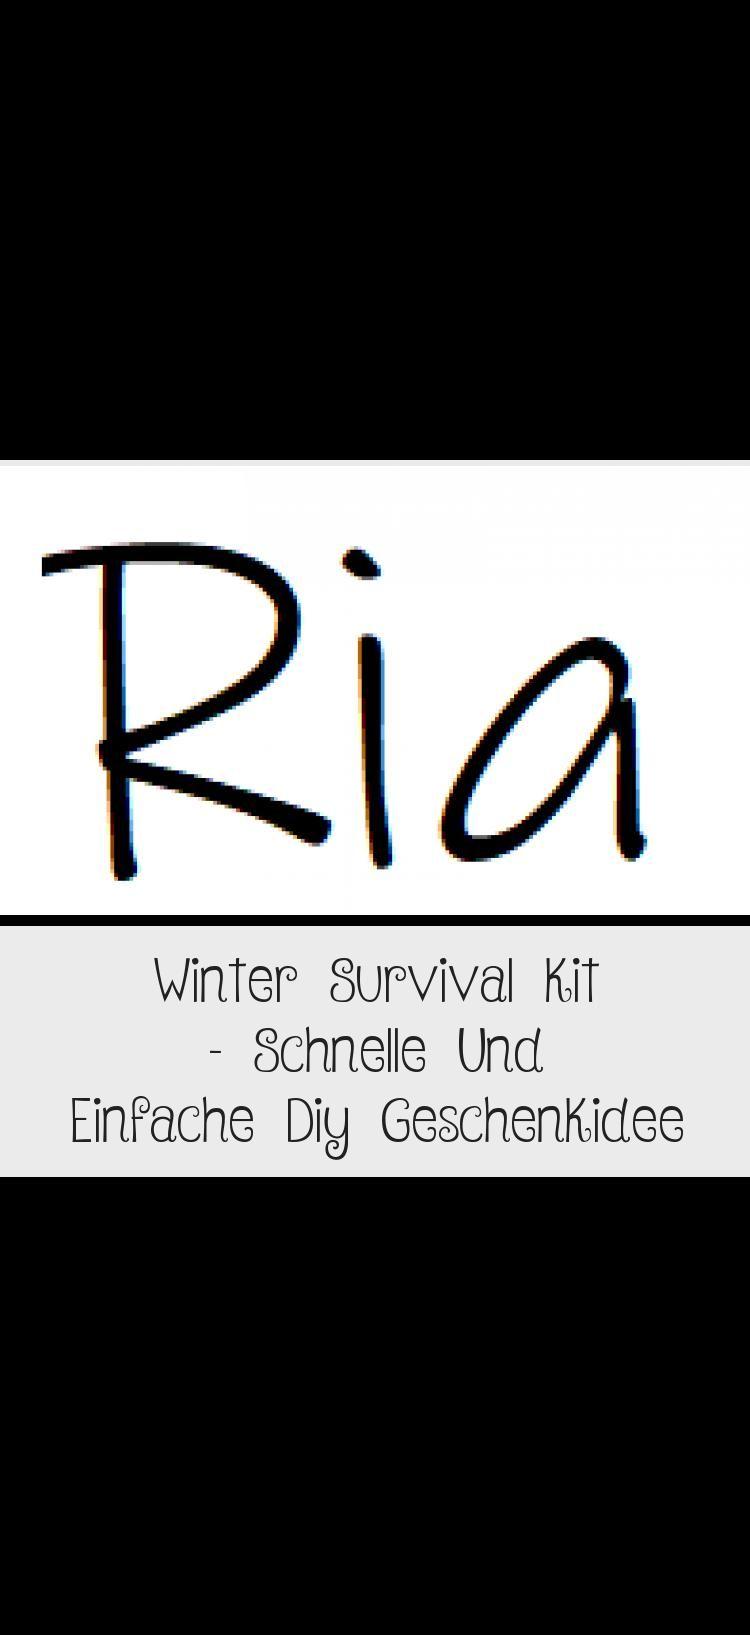 Winter Survival Kit – Schnelle Und Einfache Diy Geschenkidee